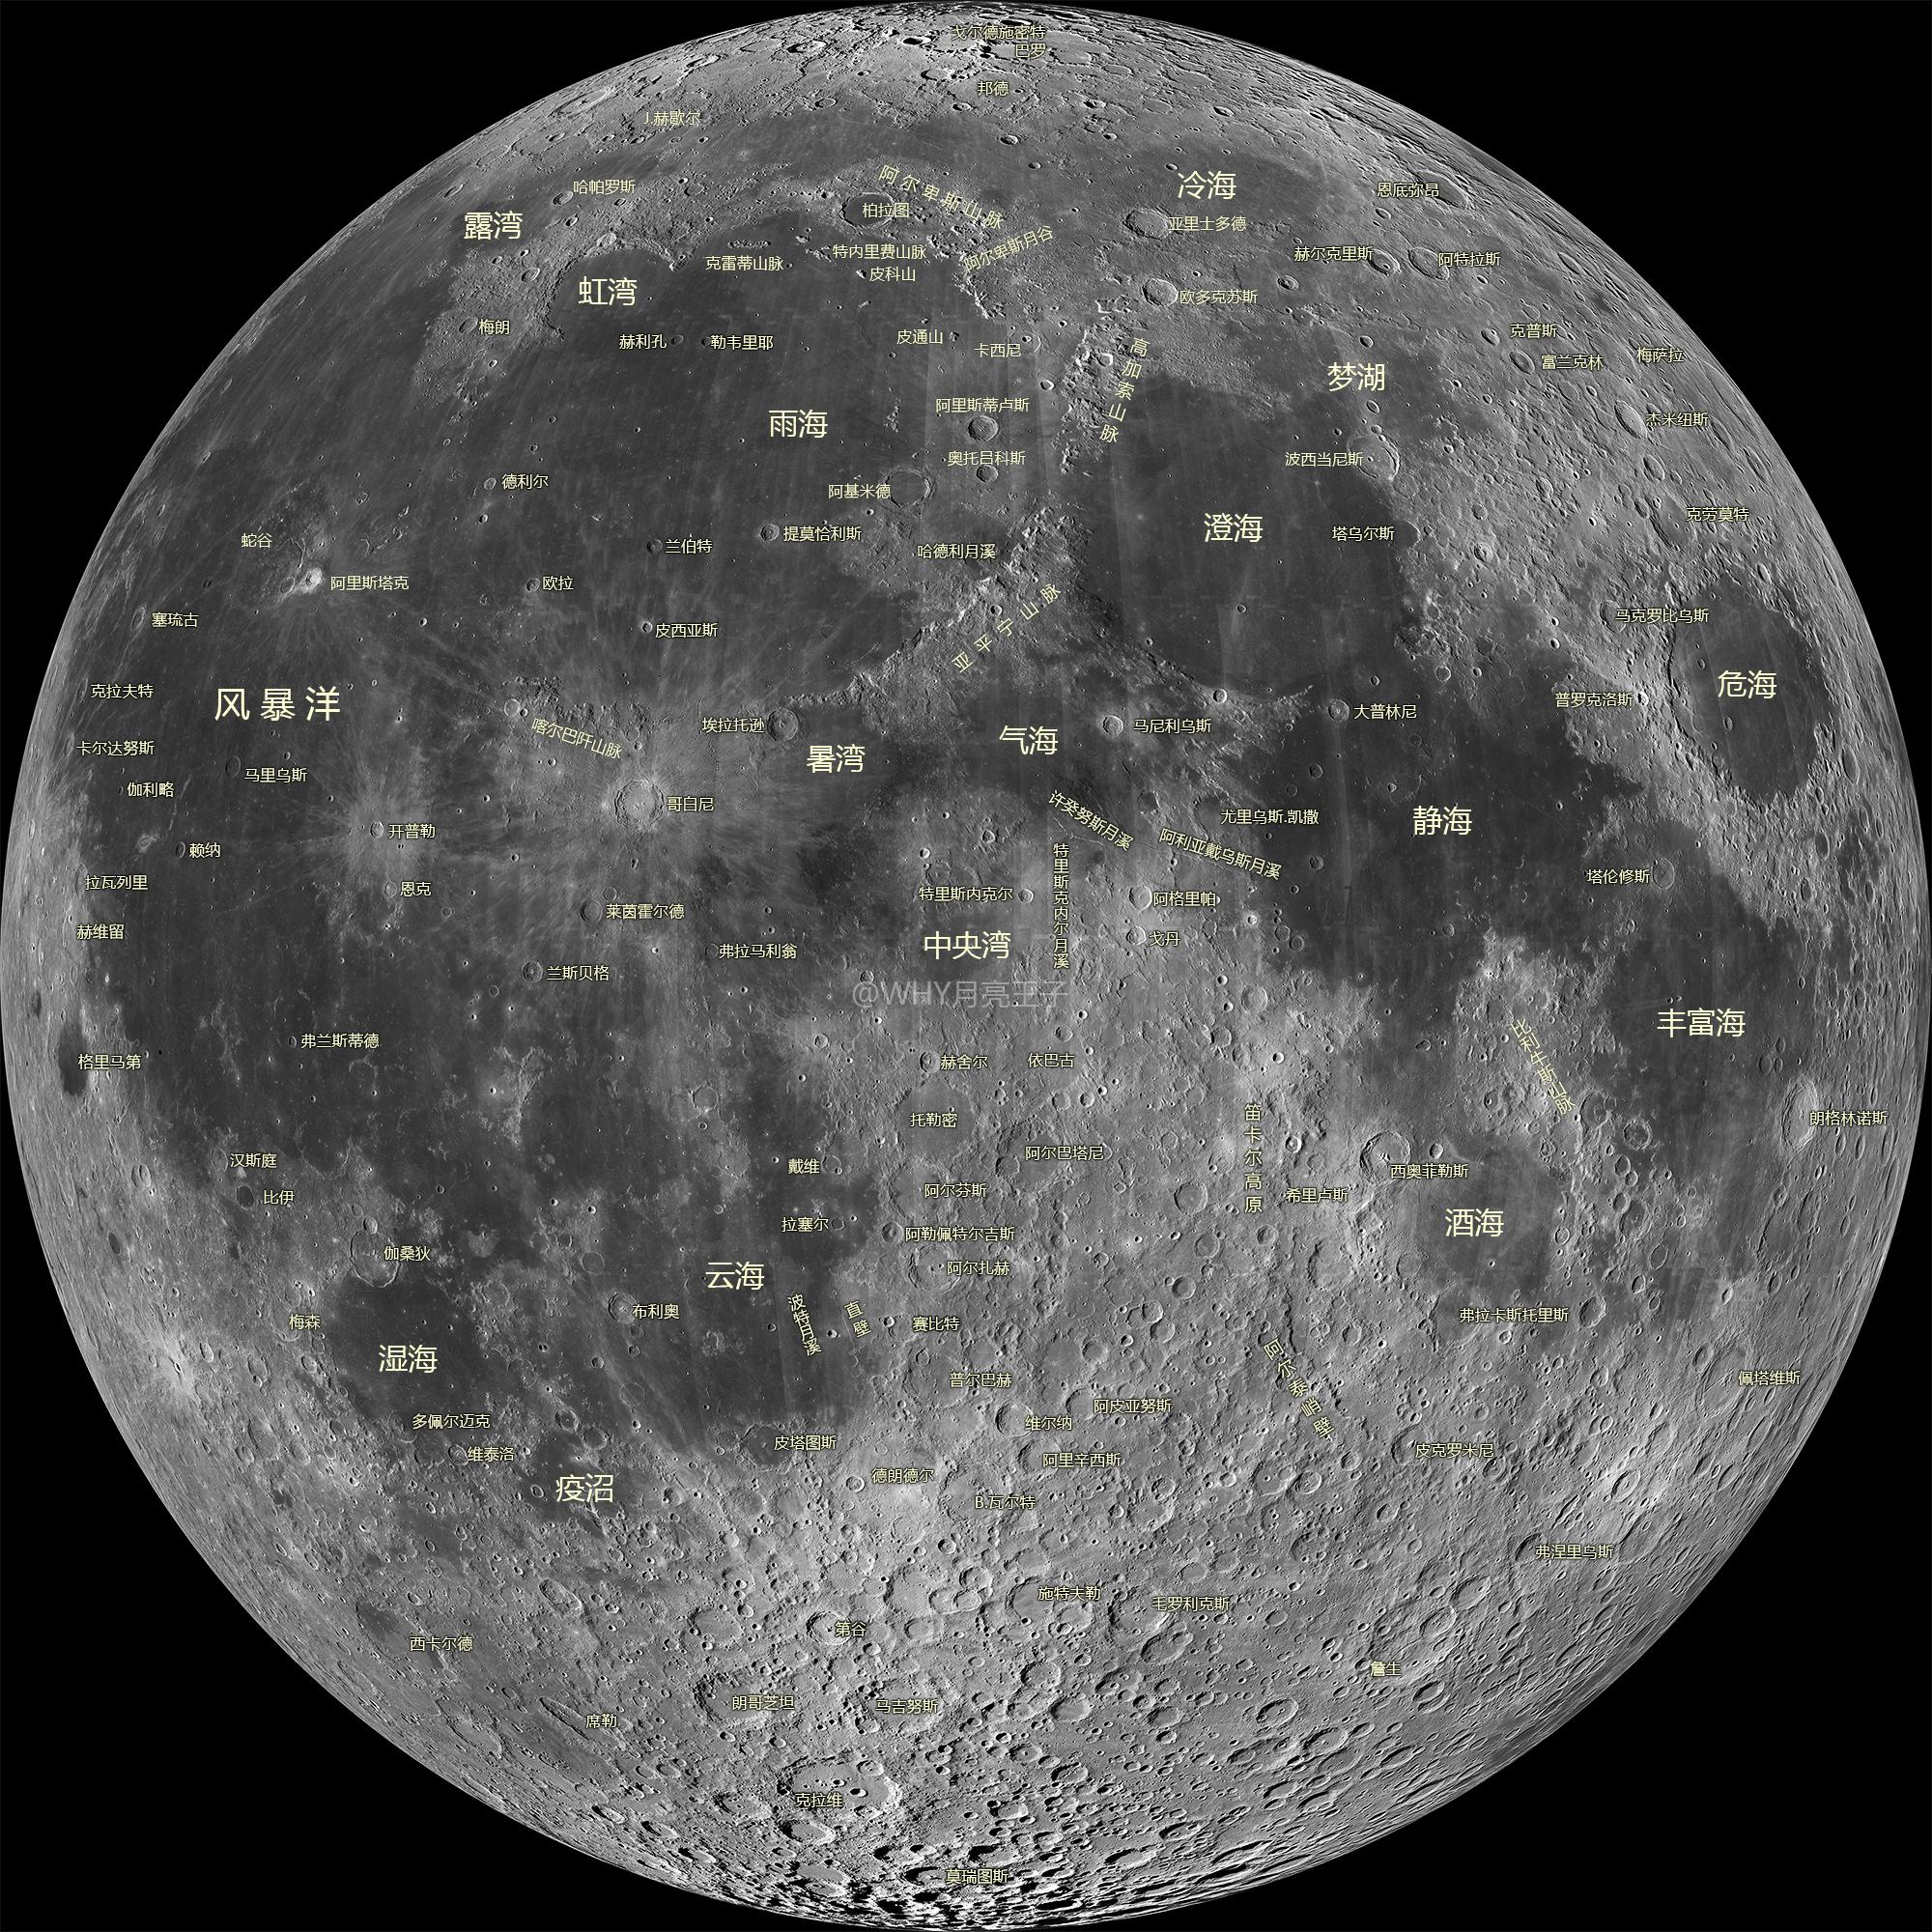 月面地图-S2048.jpg